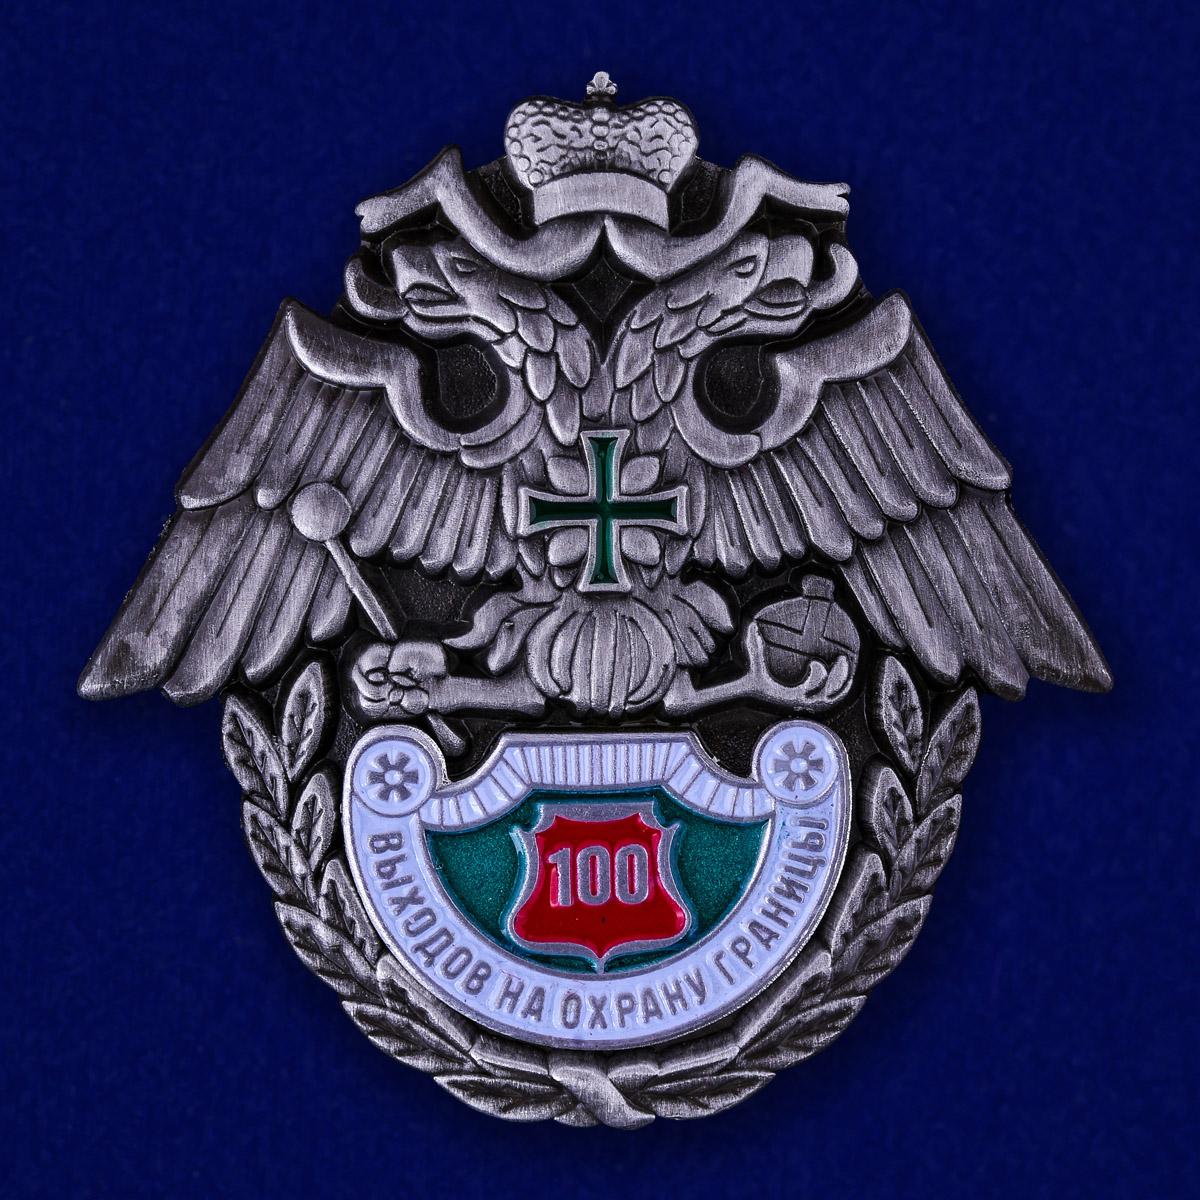 Знак ФПС России 100 выходов на охрану границы в бархатном футляре - Аверс